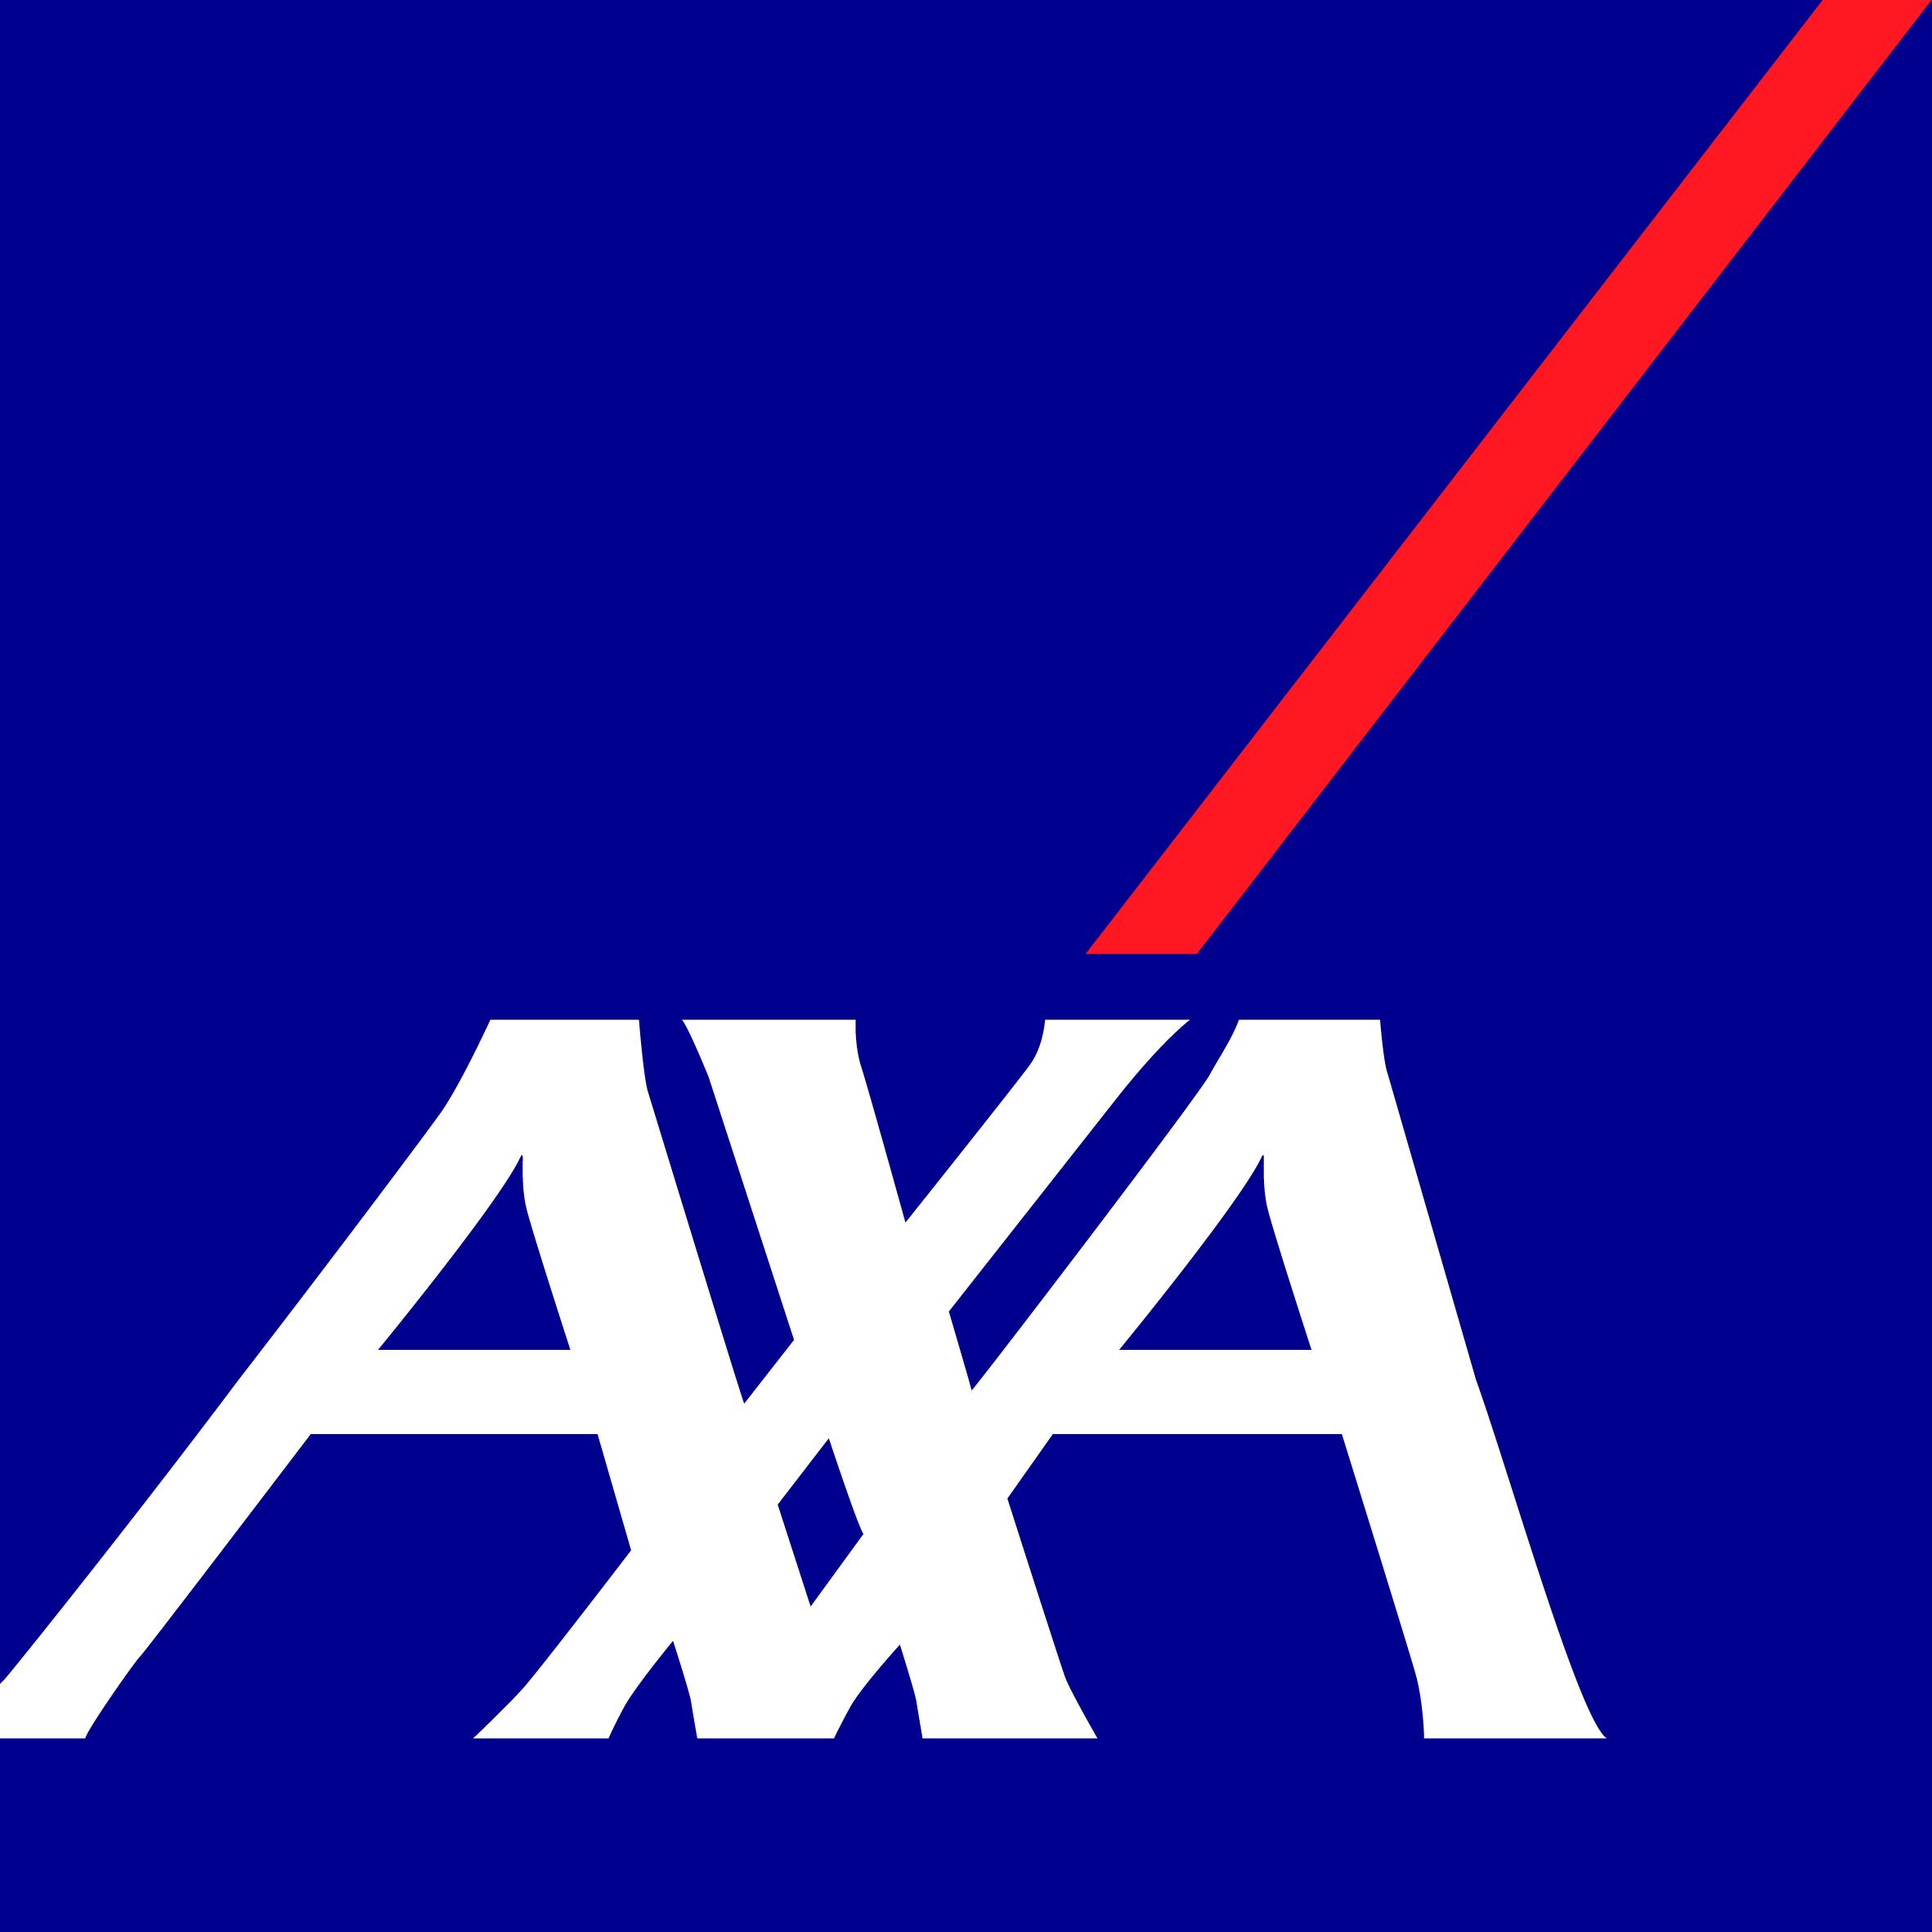 Η AXA ενεργοποιεί τον μηχανισμό  Natural Catastrophes Response  στις πλημμύρες της Εύβοιας